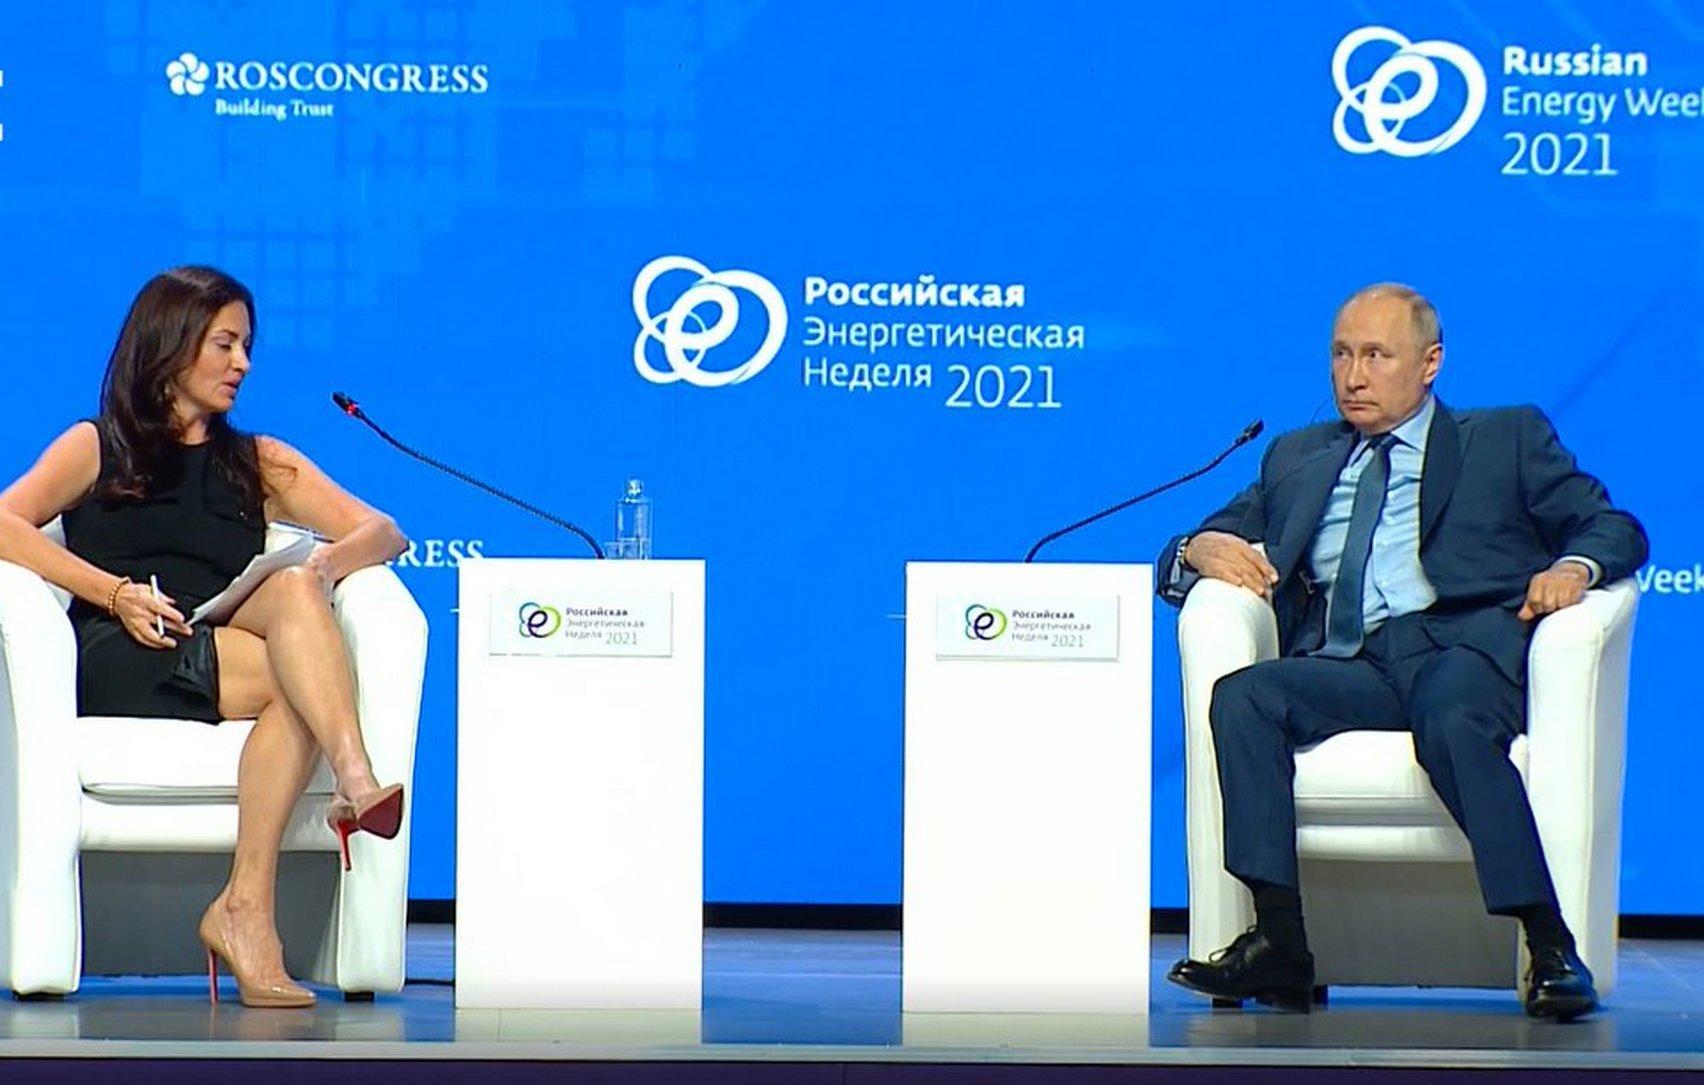 Американская ведущая опубликовала в соцсети фото с Путиным